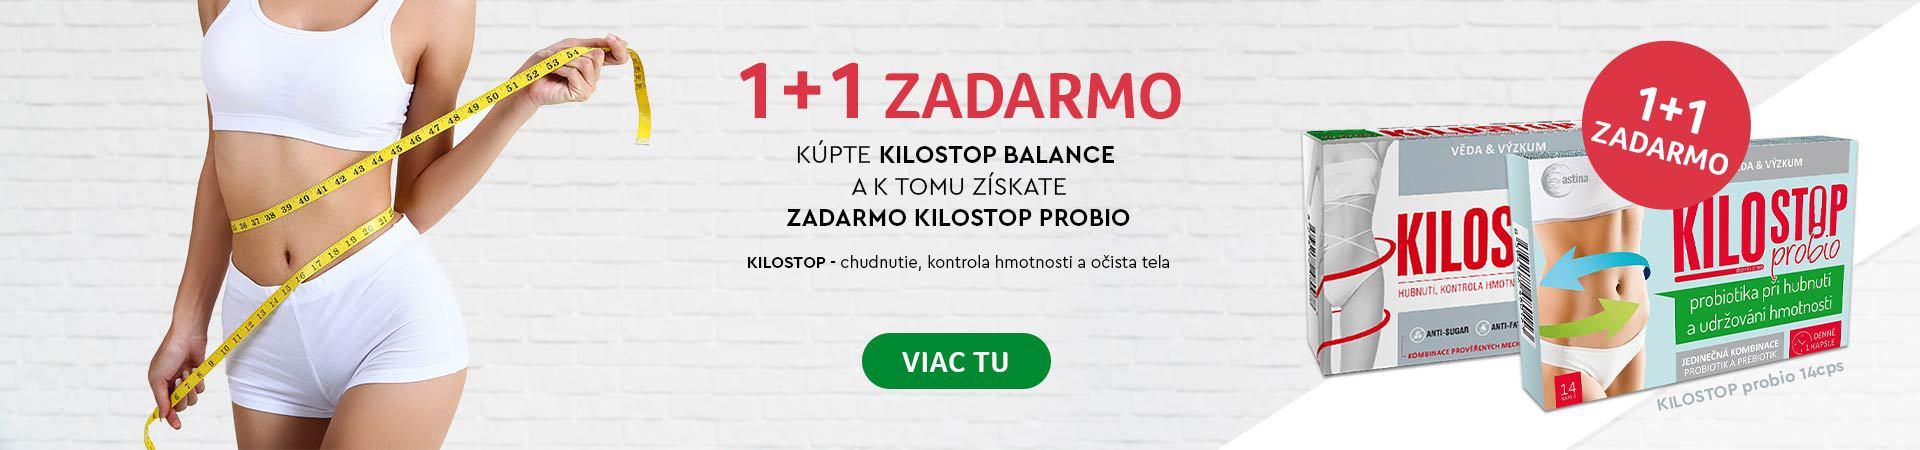 Kilostop 1+1